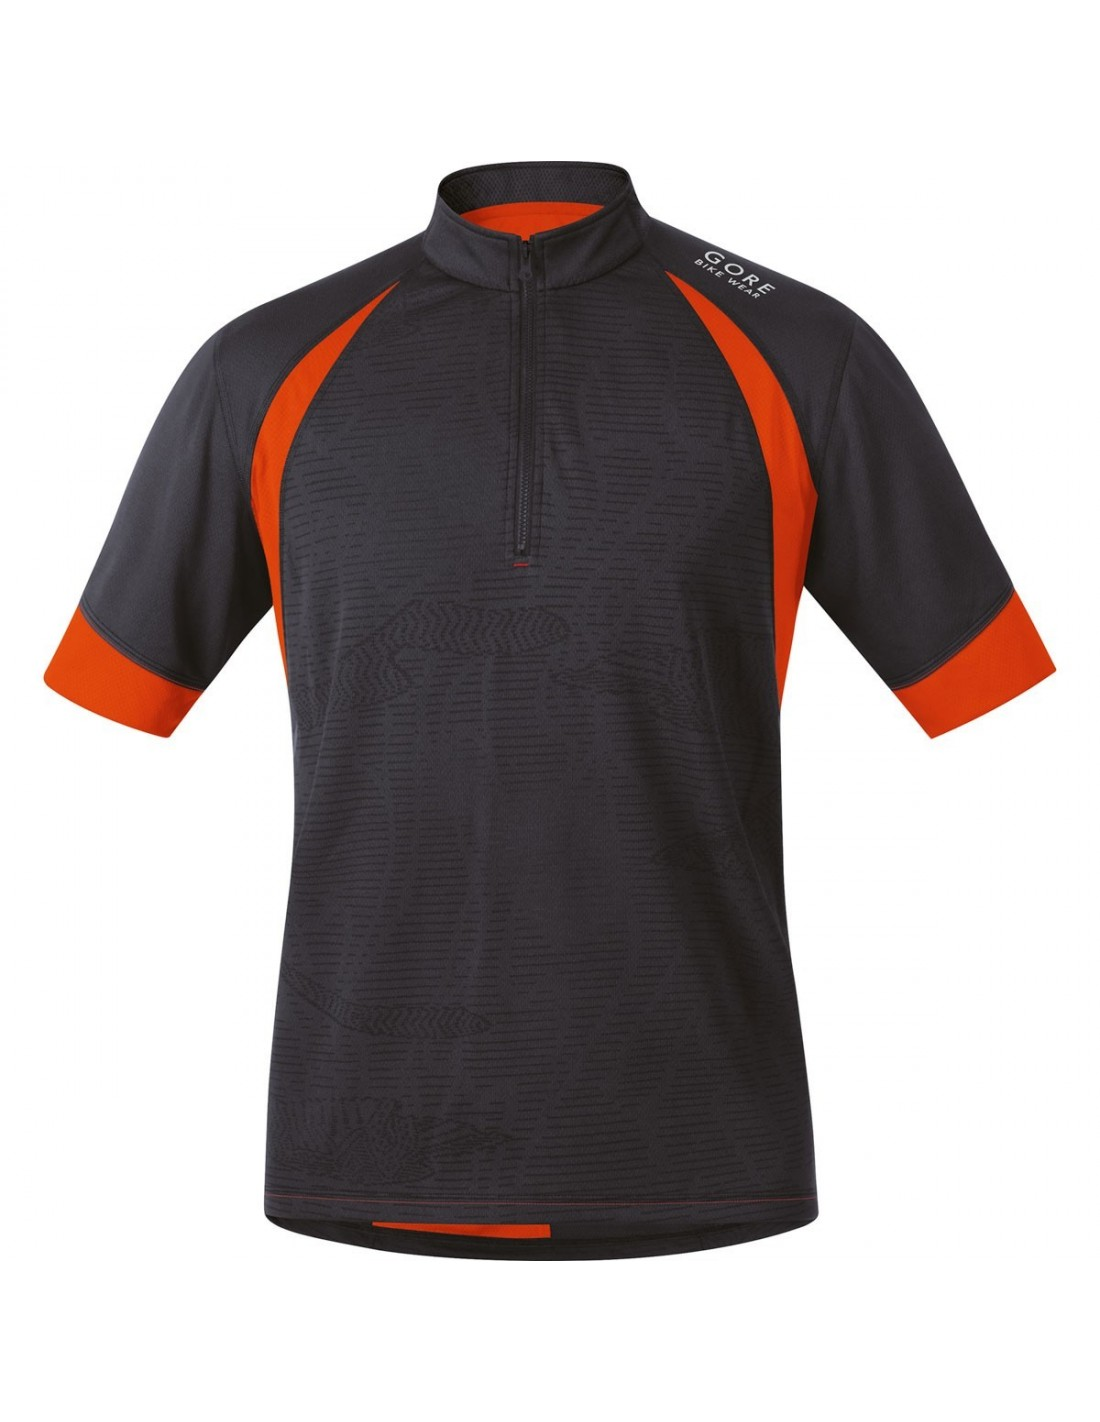 Maglia-MTB-FUSION-SE-Gore-Bike-Wear-fs